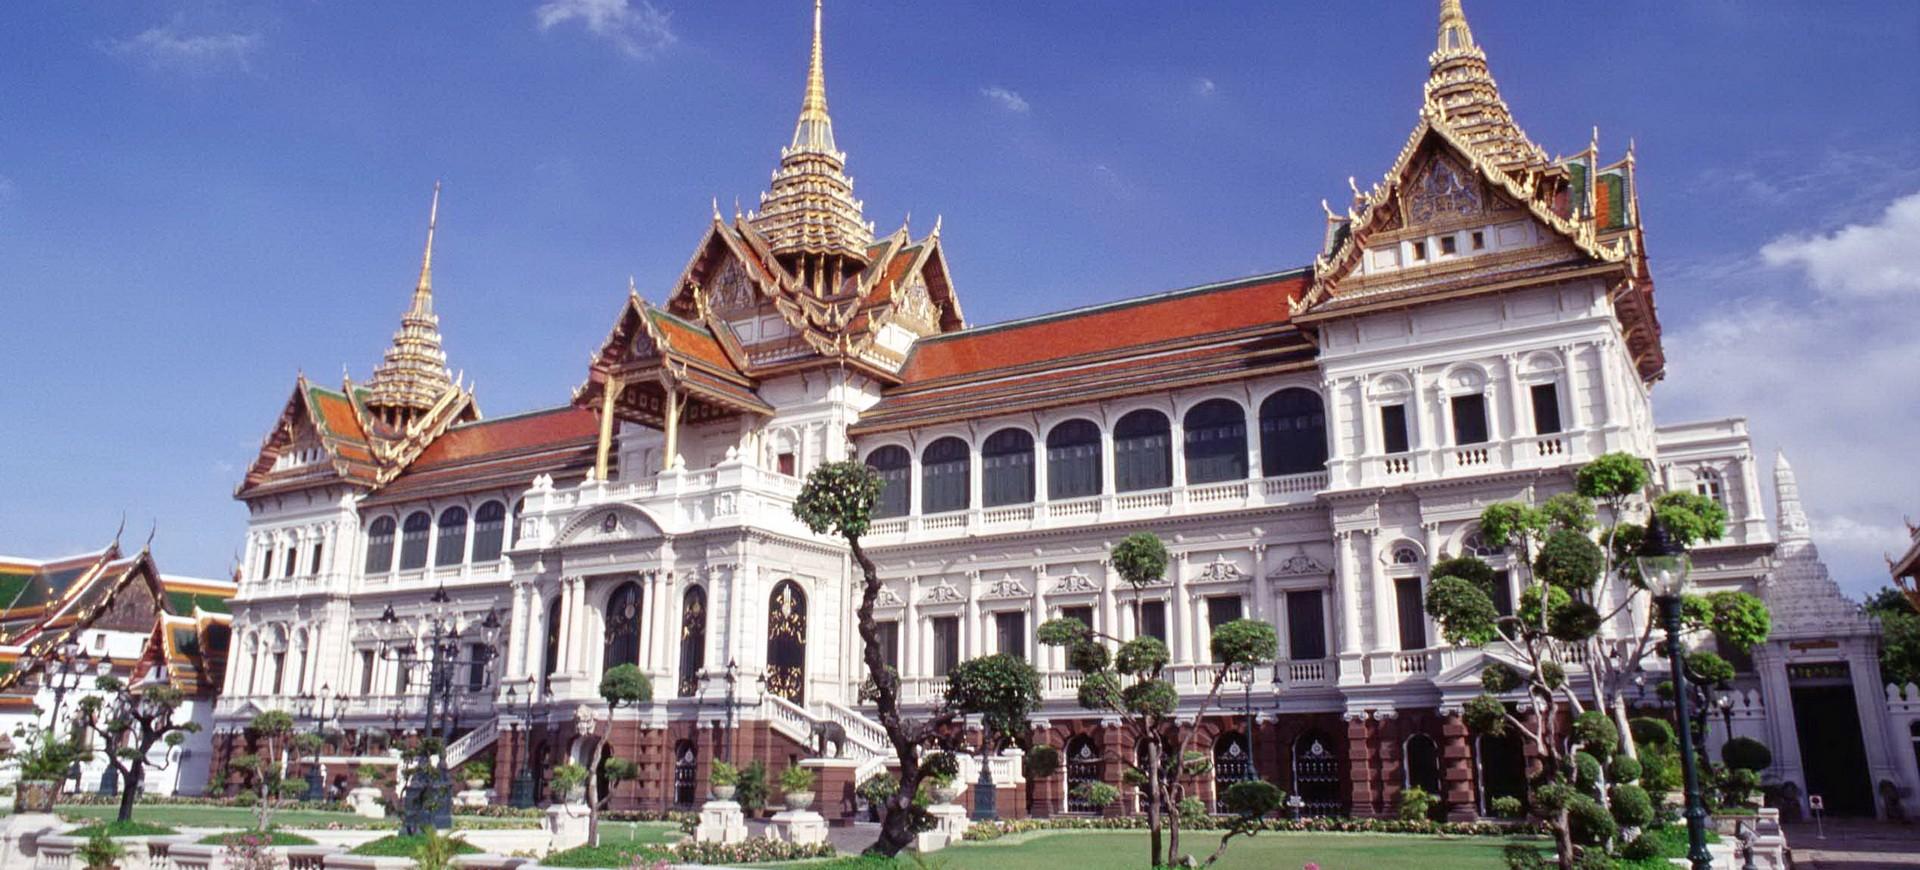 Thailande Bangkok Palais Royal